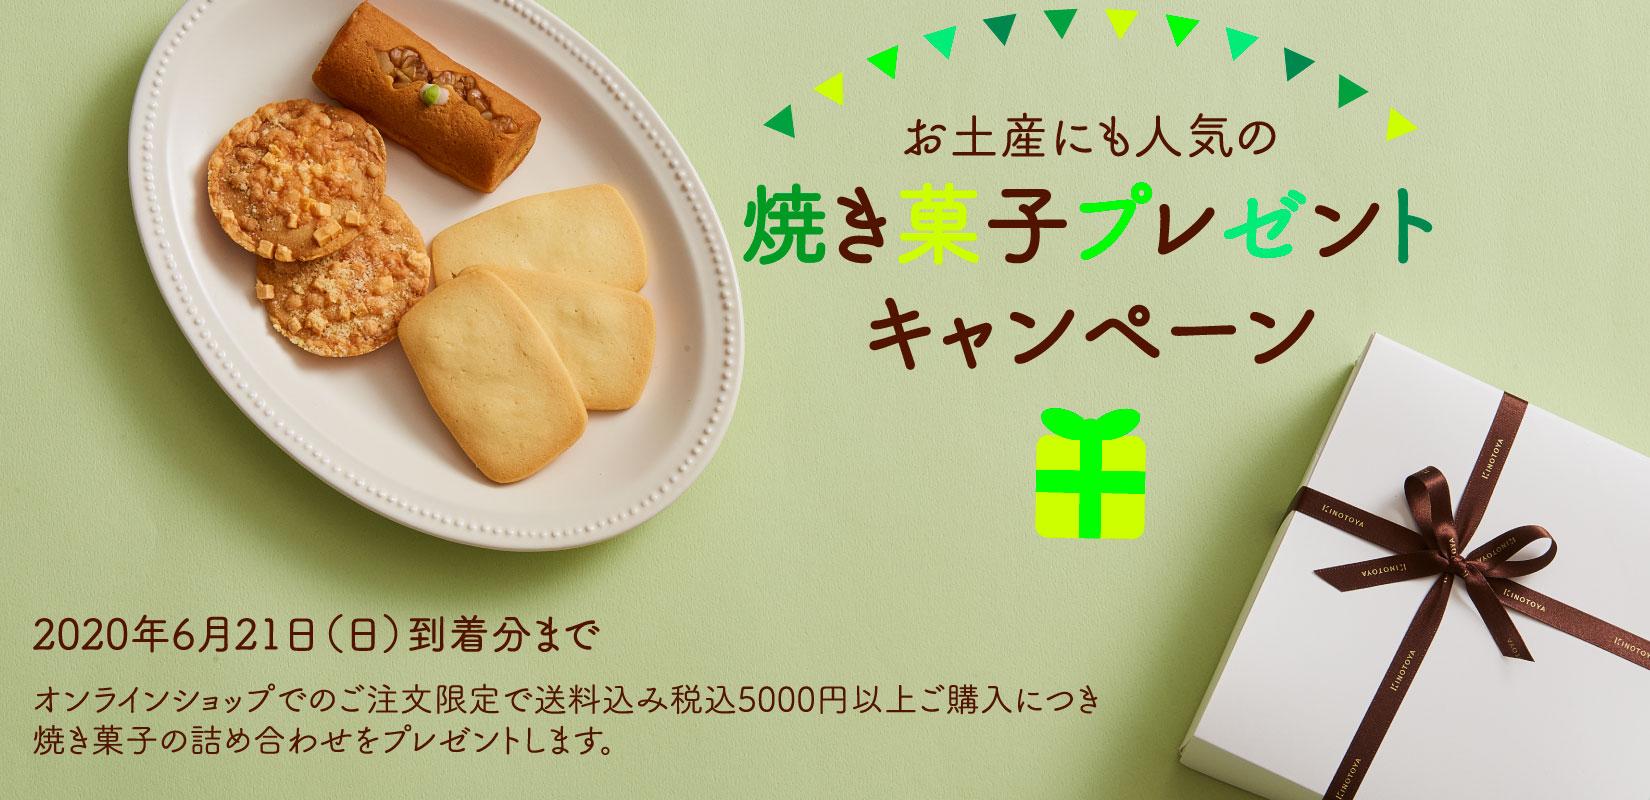 焼き菓子プレゼントキャンペーン